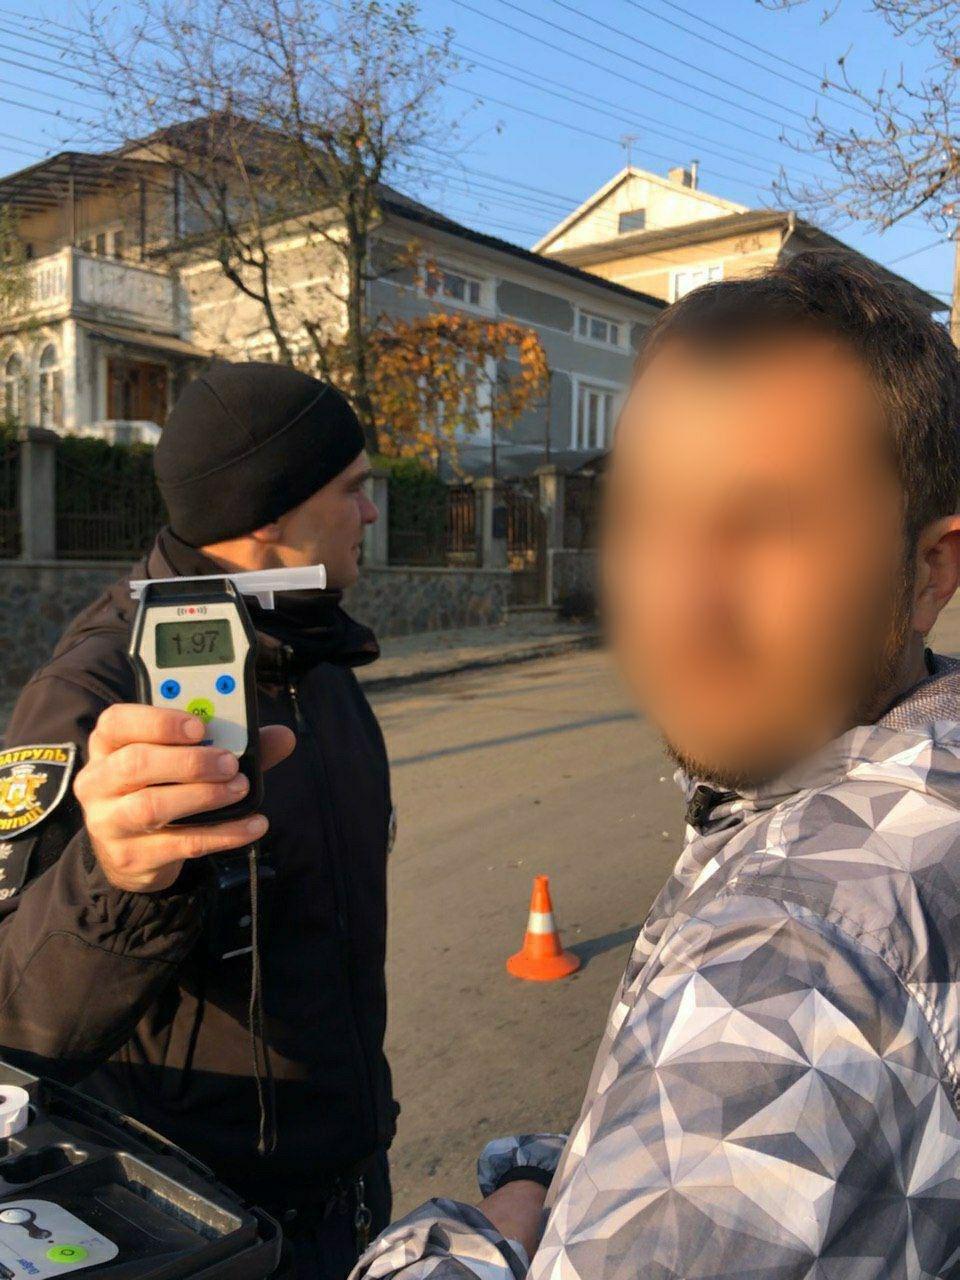 П'яний водій у Чернівцях розтрощив BMW об огорожу - ФОТО, фото-1